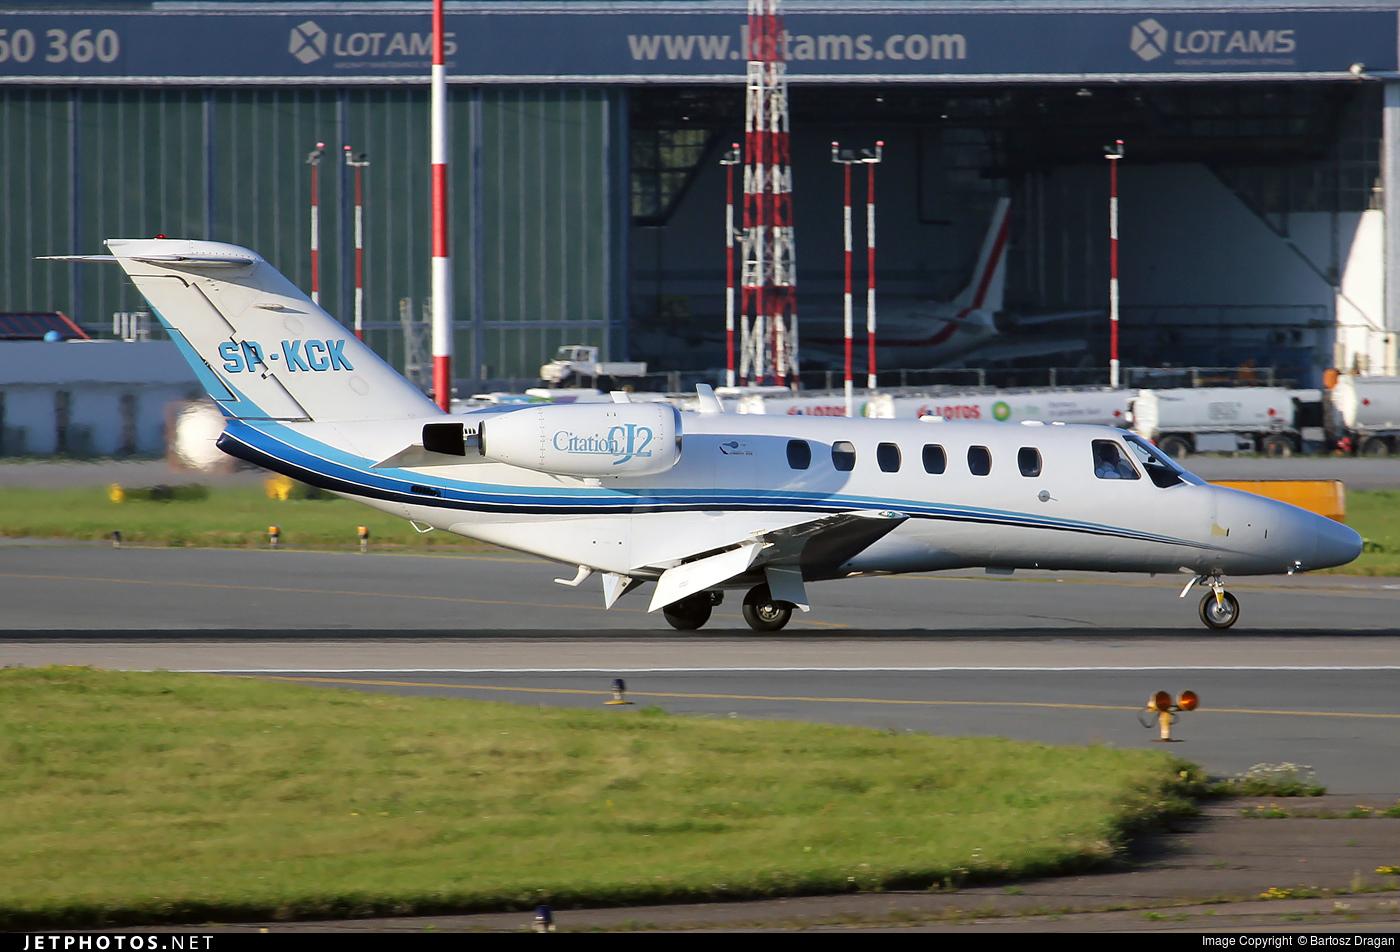 SP-KCK - Cessna 525A CitationJet 2 - Jet Story